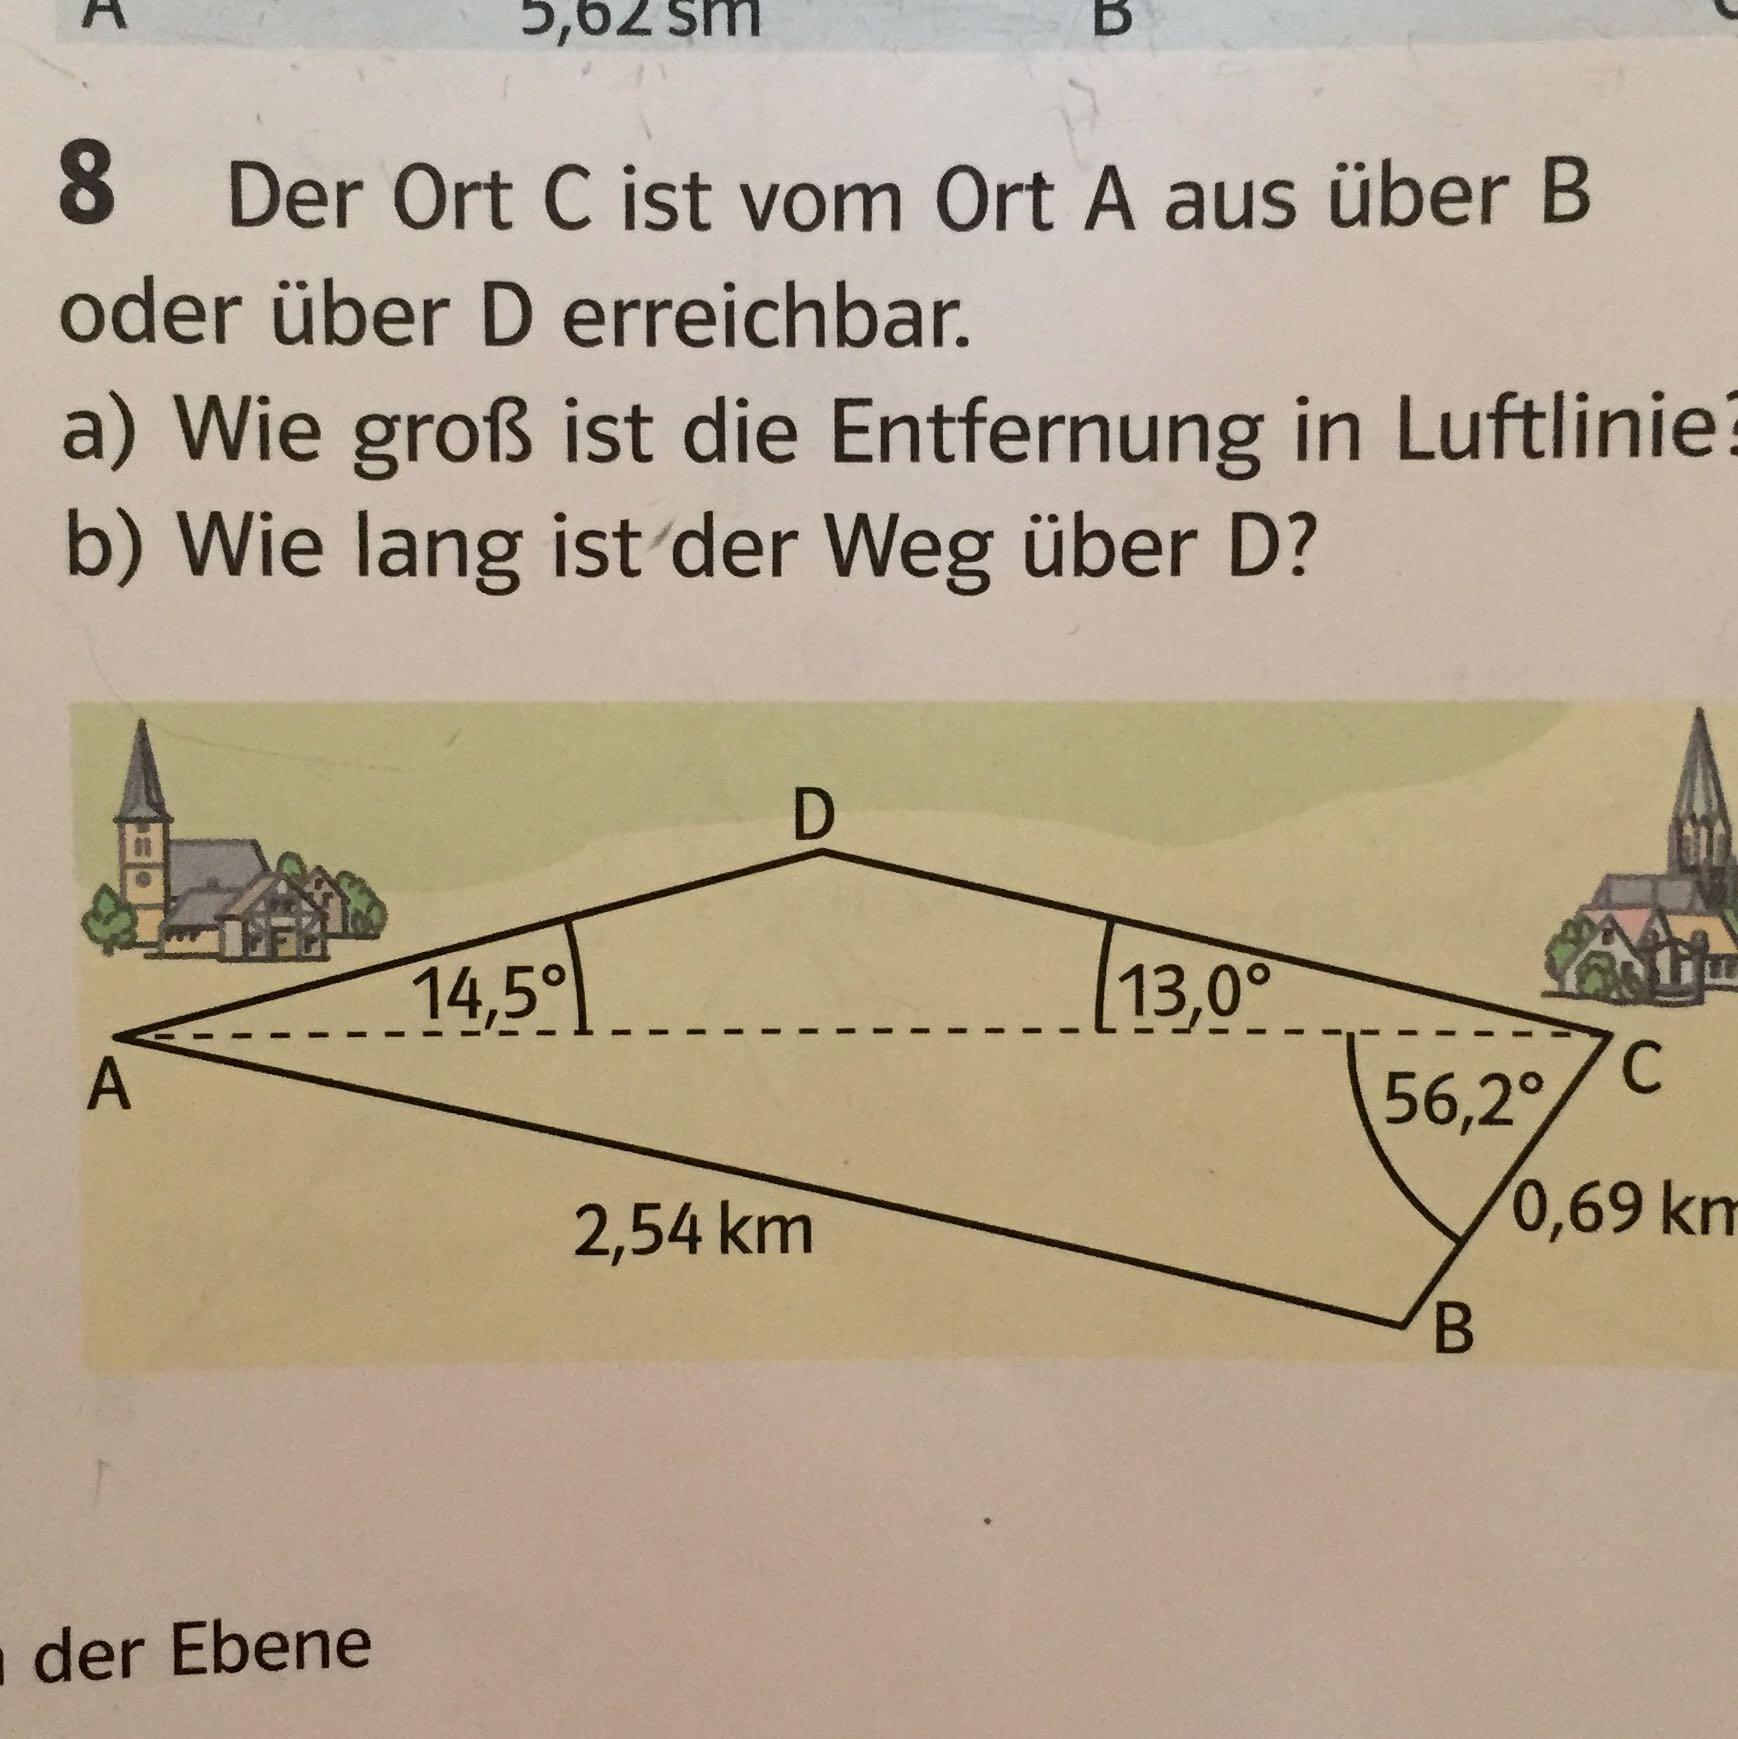 Entfernung Berechnen Luftlinie : wie berechne ich die luftlinie das mit sinus cosinus tangens verstehe ich aber die luftlinie ~ Themetempest.com Abrechnung